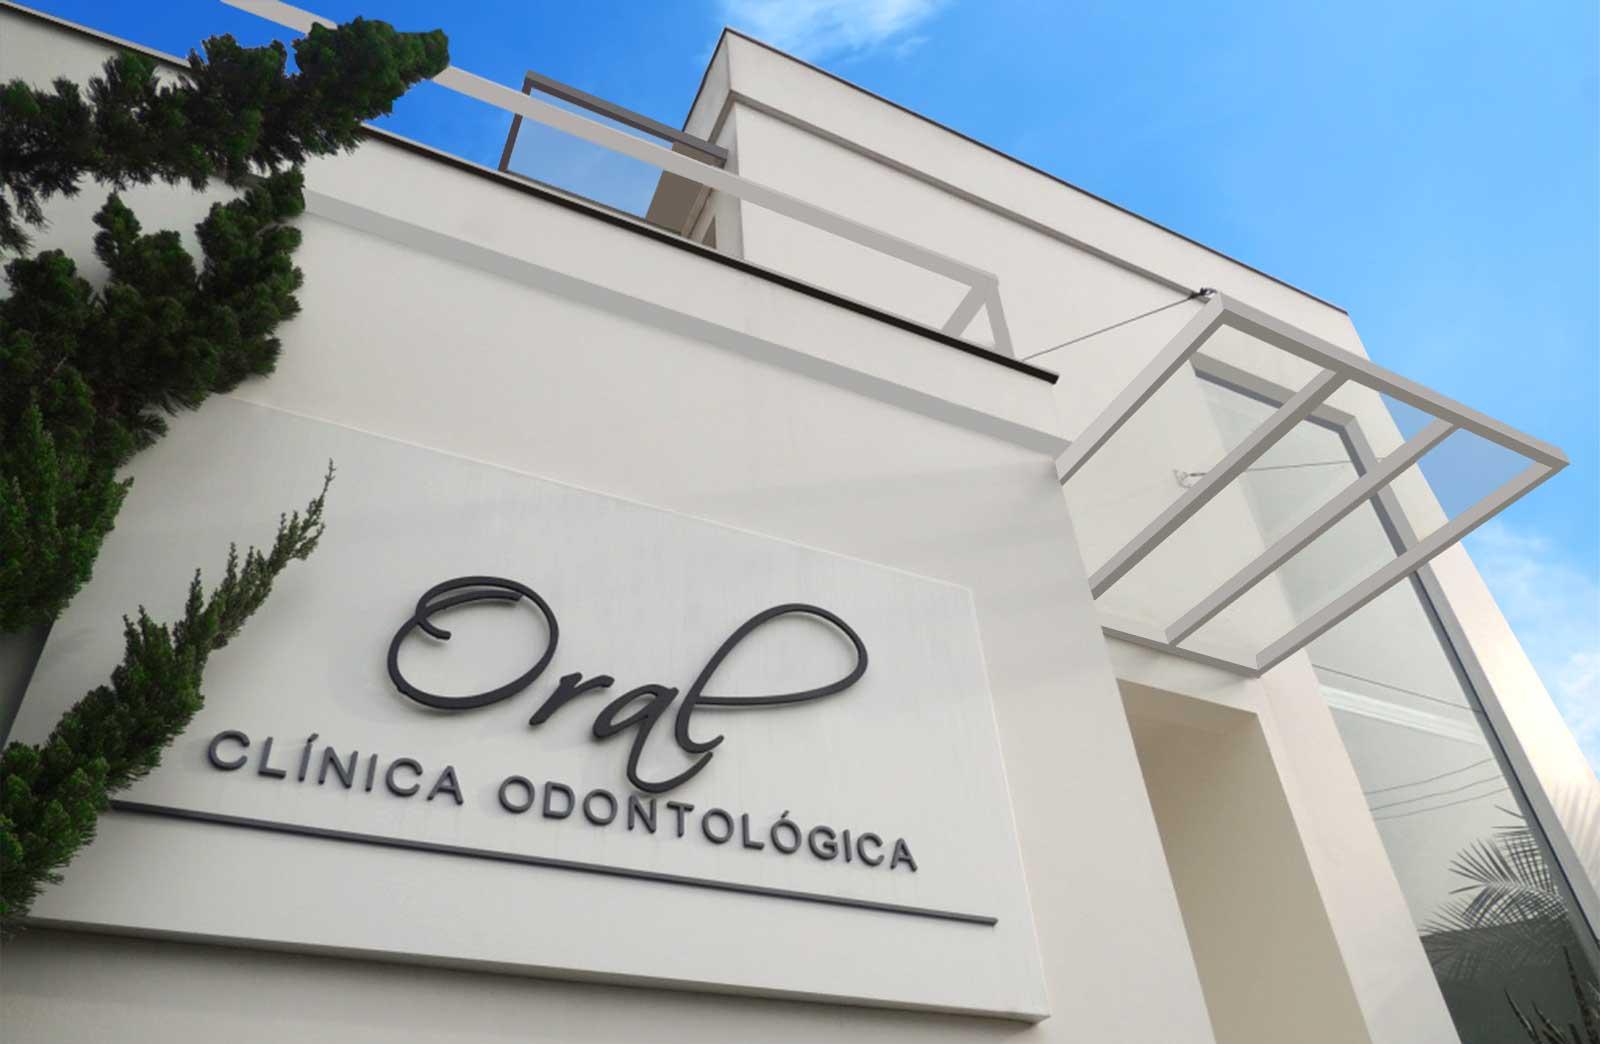 Clinica Oral